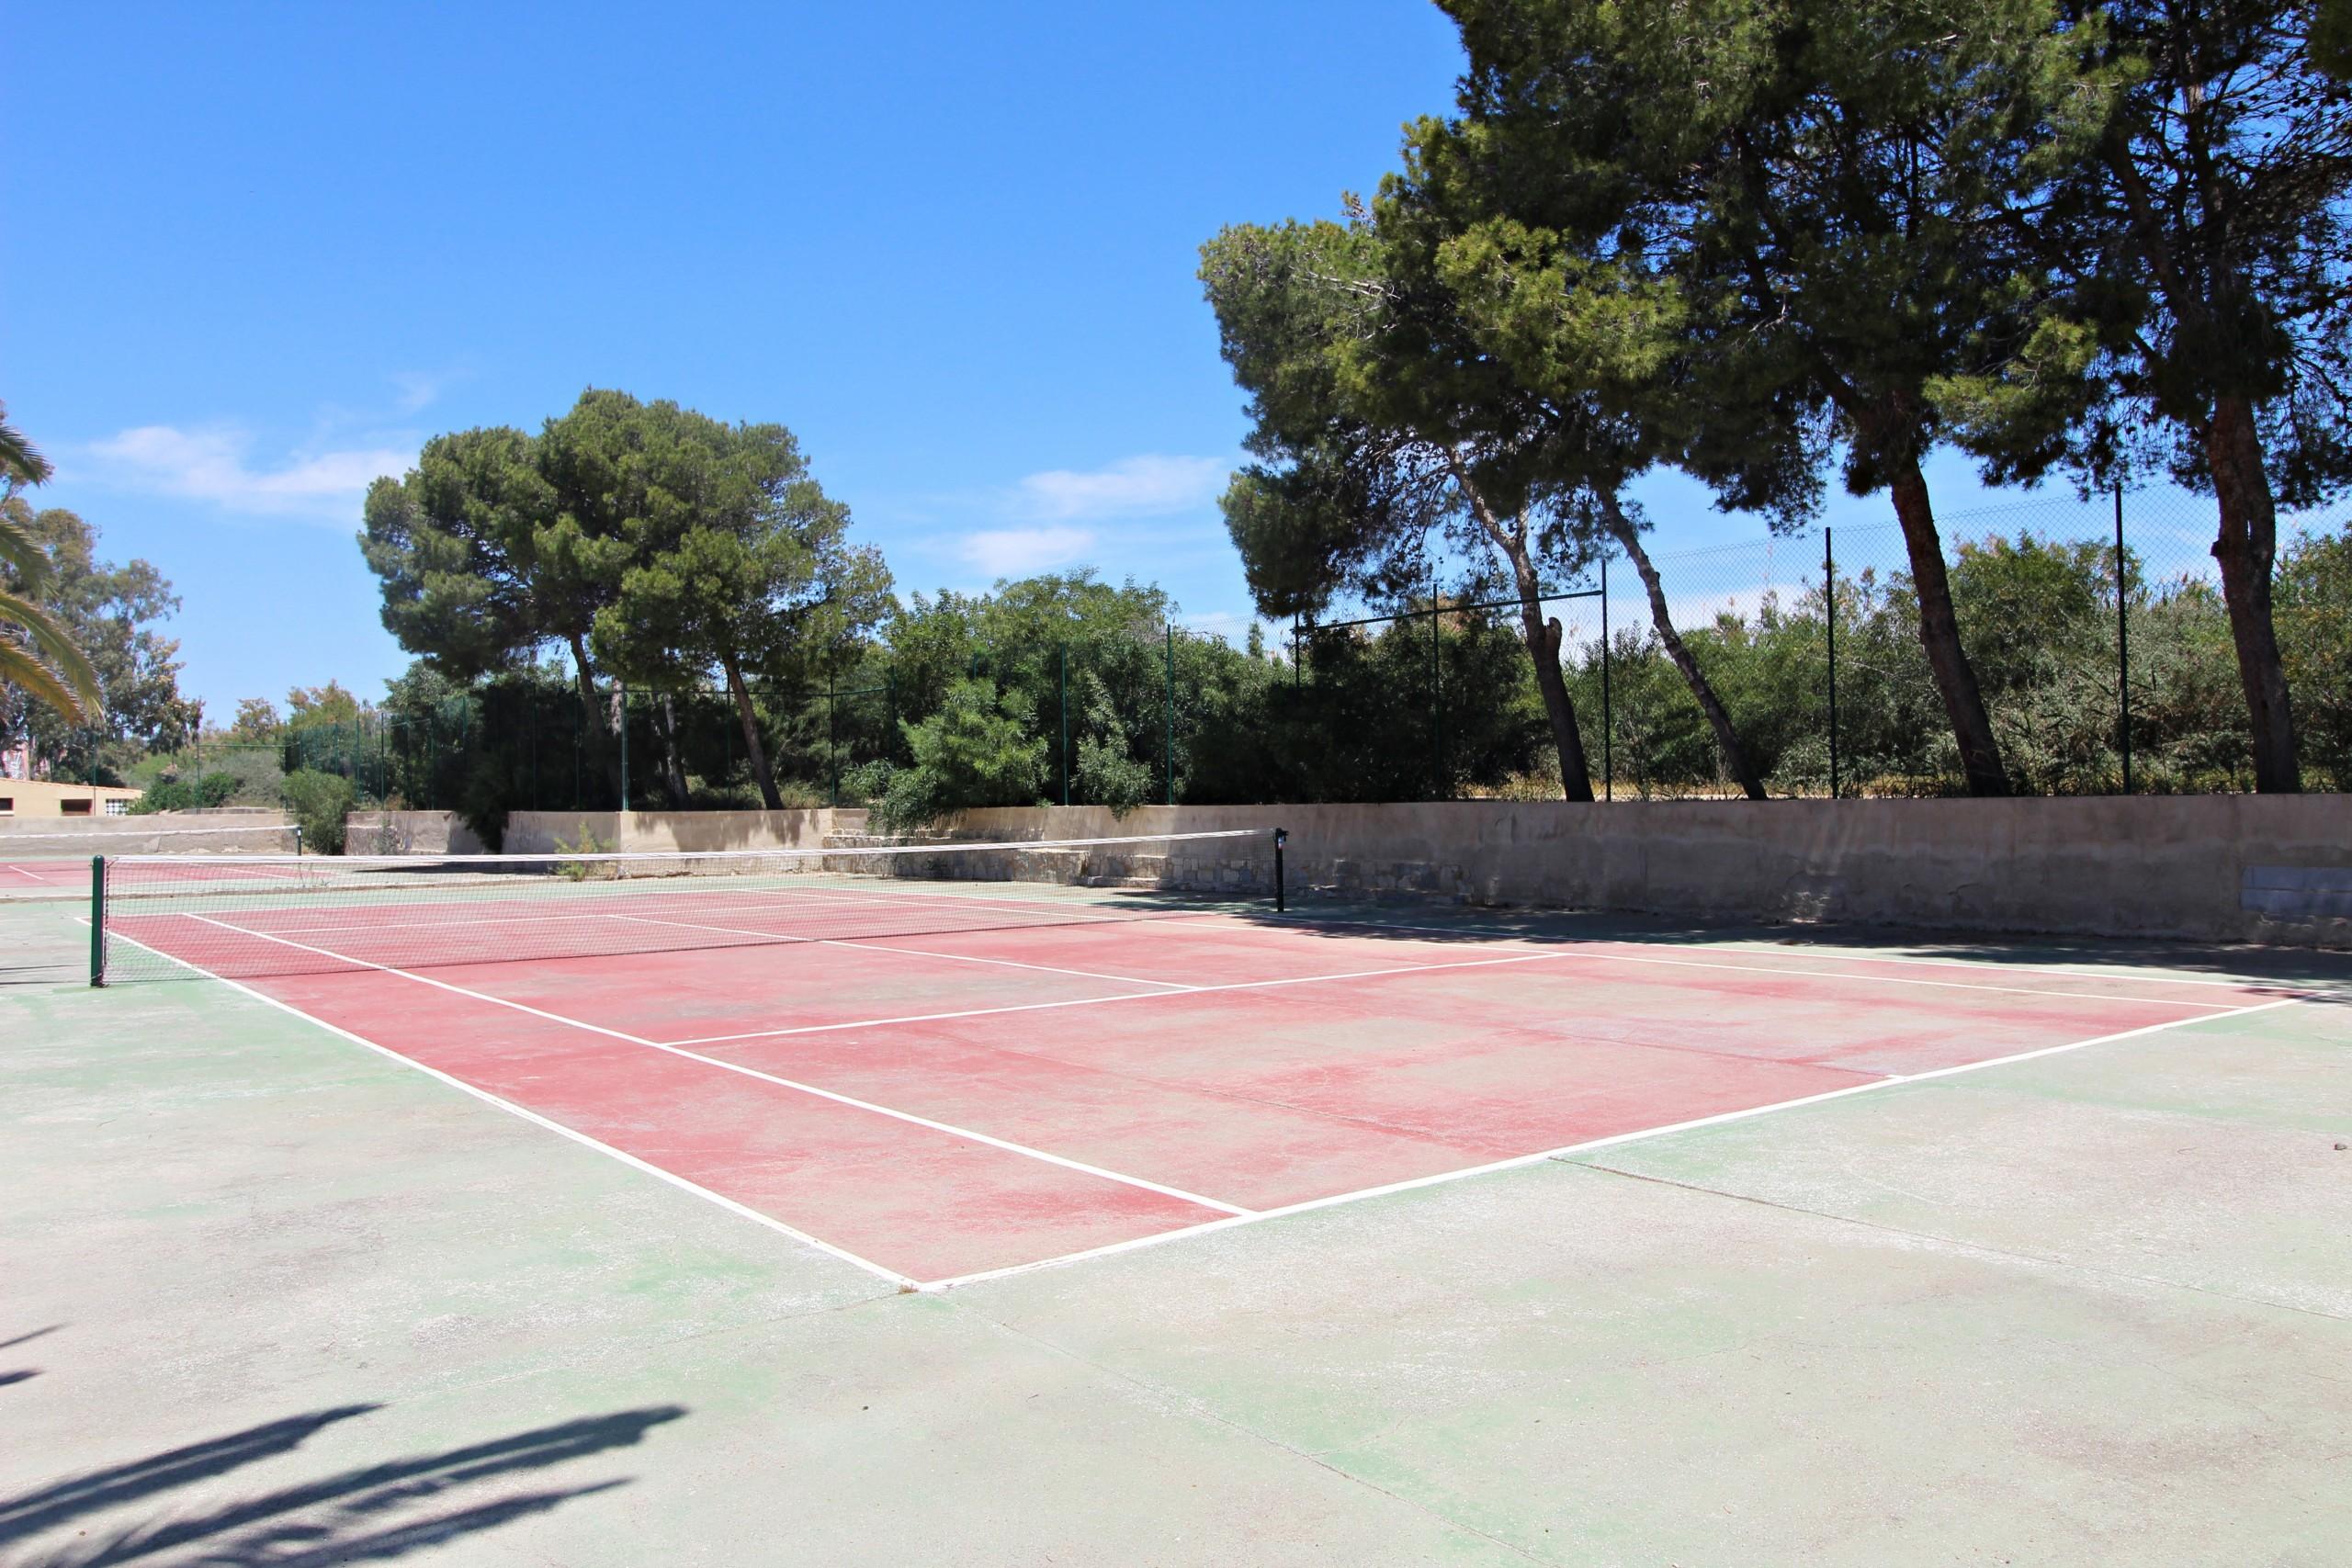 Calendario 2020 Tenis Más Recientemente Liberado Pueblo Laguna Bajo 100m Playa Piscina Unitaria Tenis Of Calendario 2020 Tenis Más Recientes 대명박스